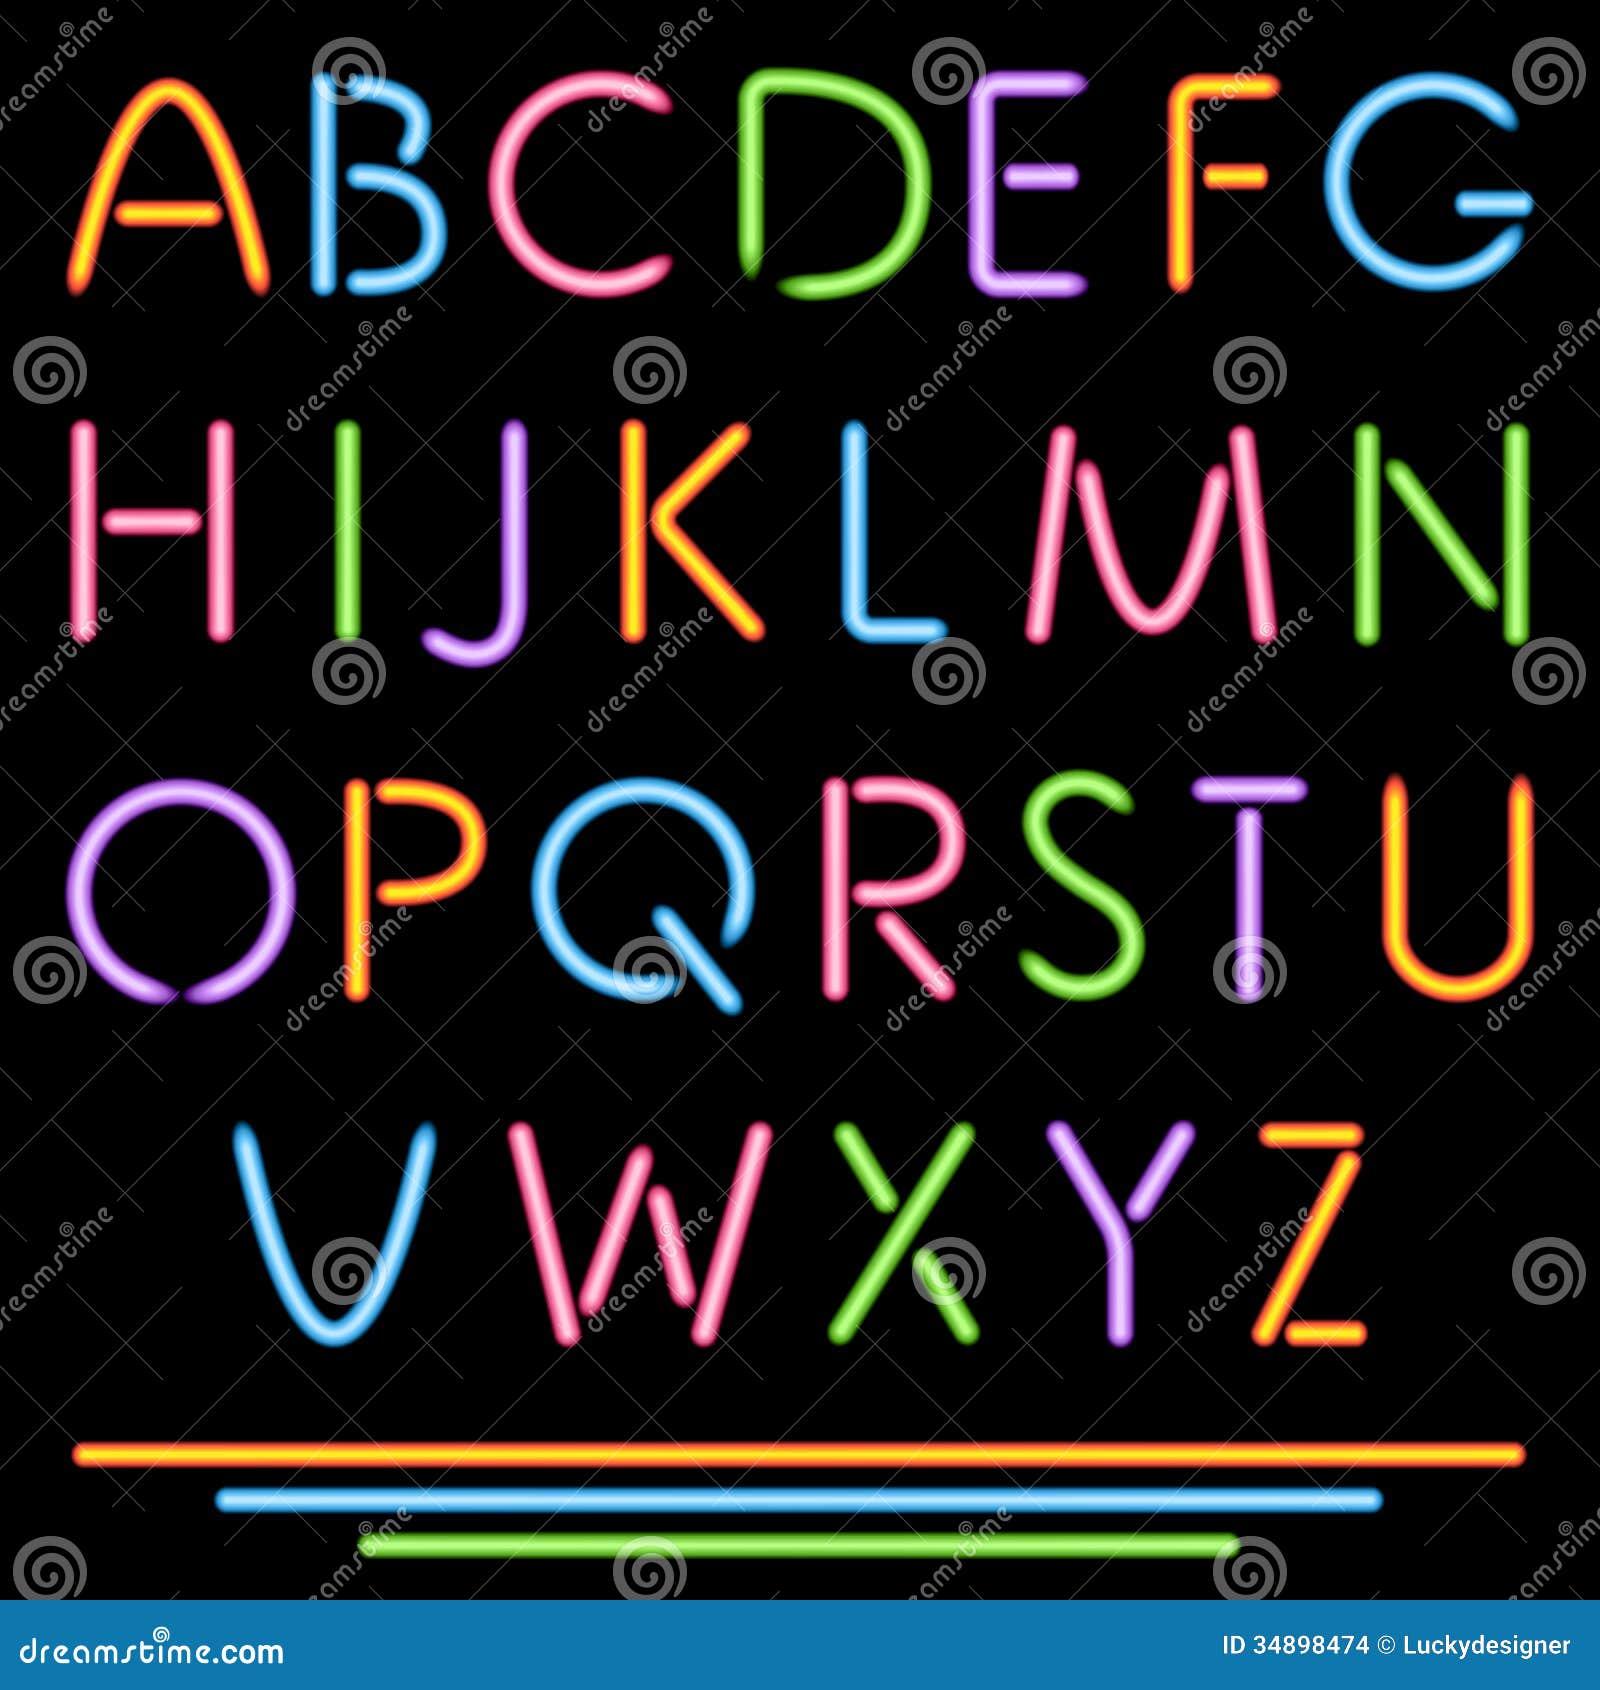 realistic neon tube letters alphabet abc font multicolor